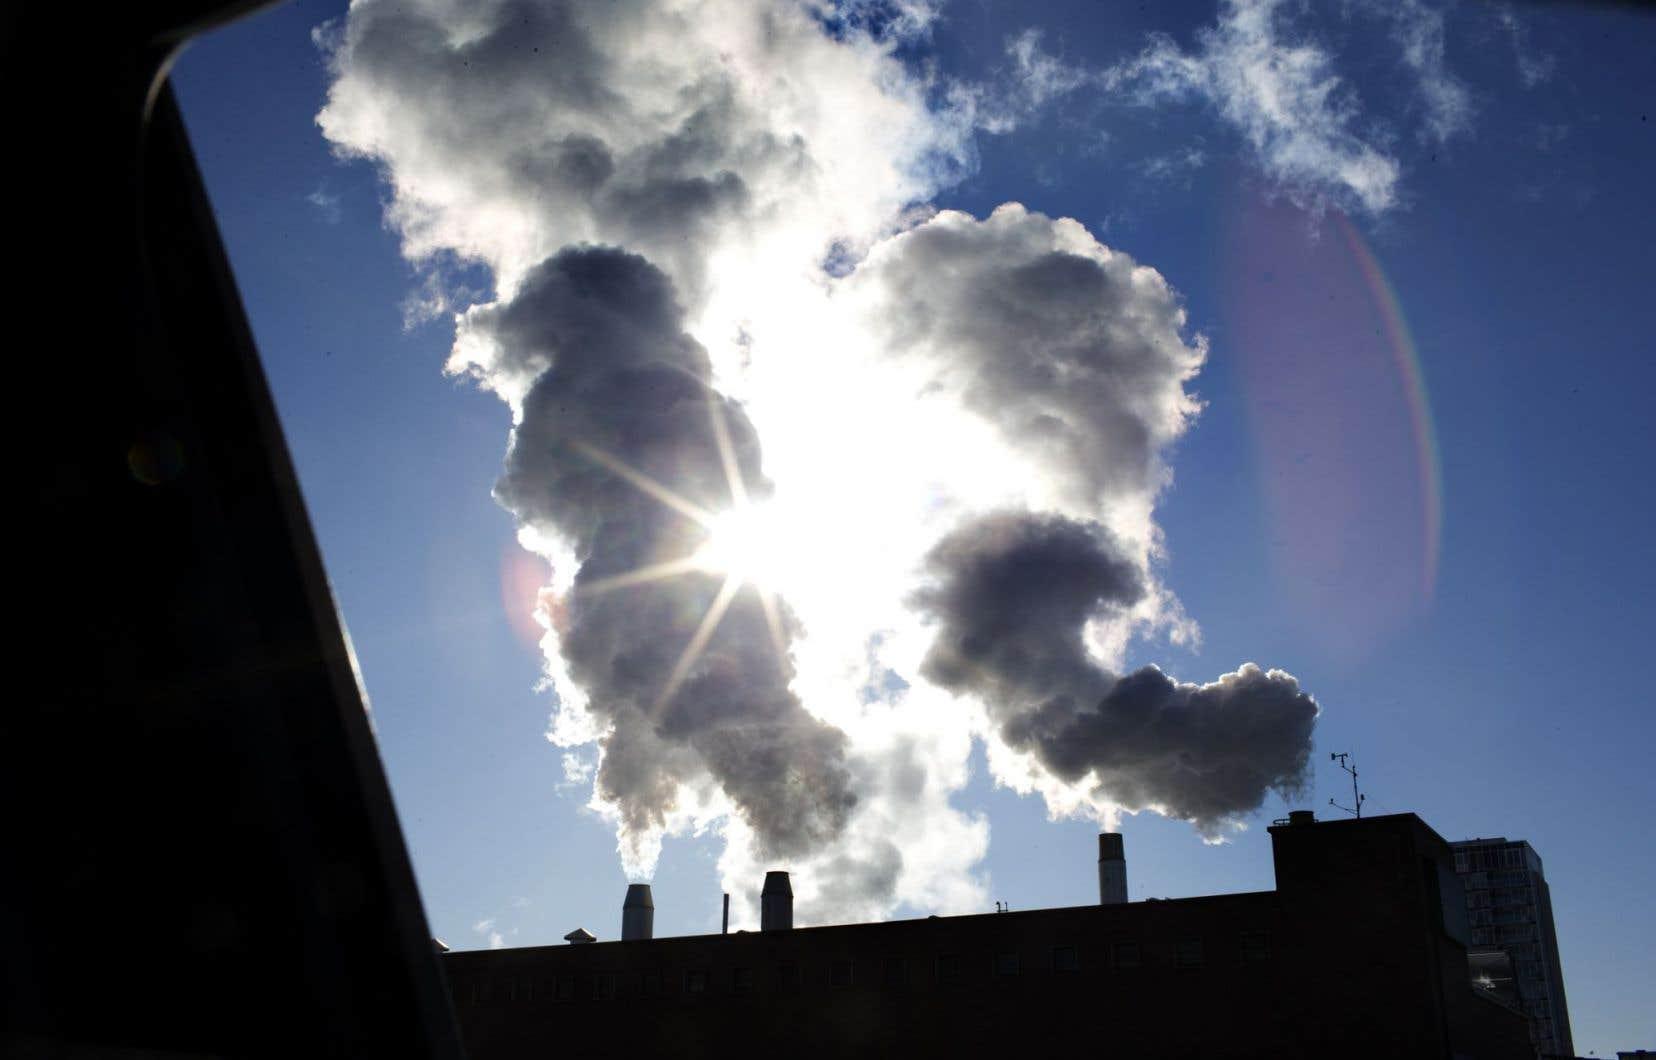 Selon les scientifiques, l'atteinte d'un tel objectif impliquerait de réduire les émissions mondiales de 40 à 70 % d'ici 2050.